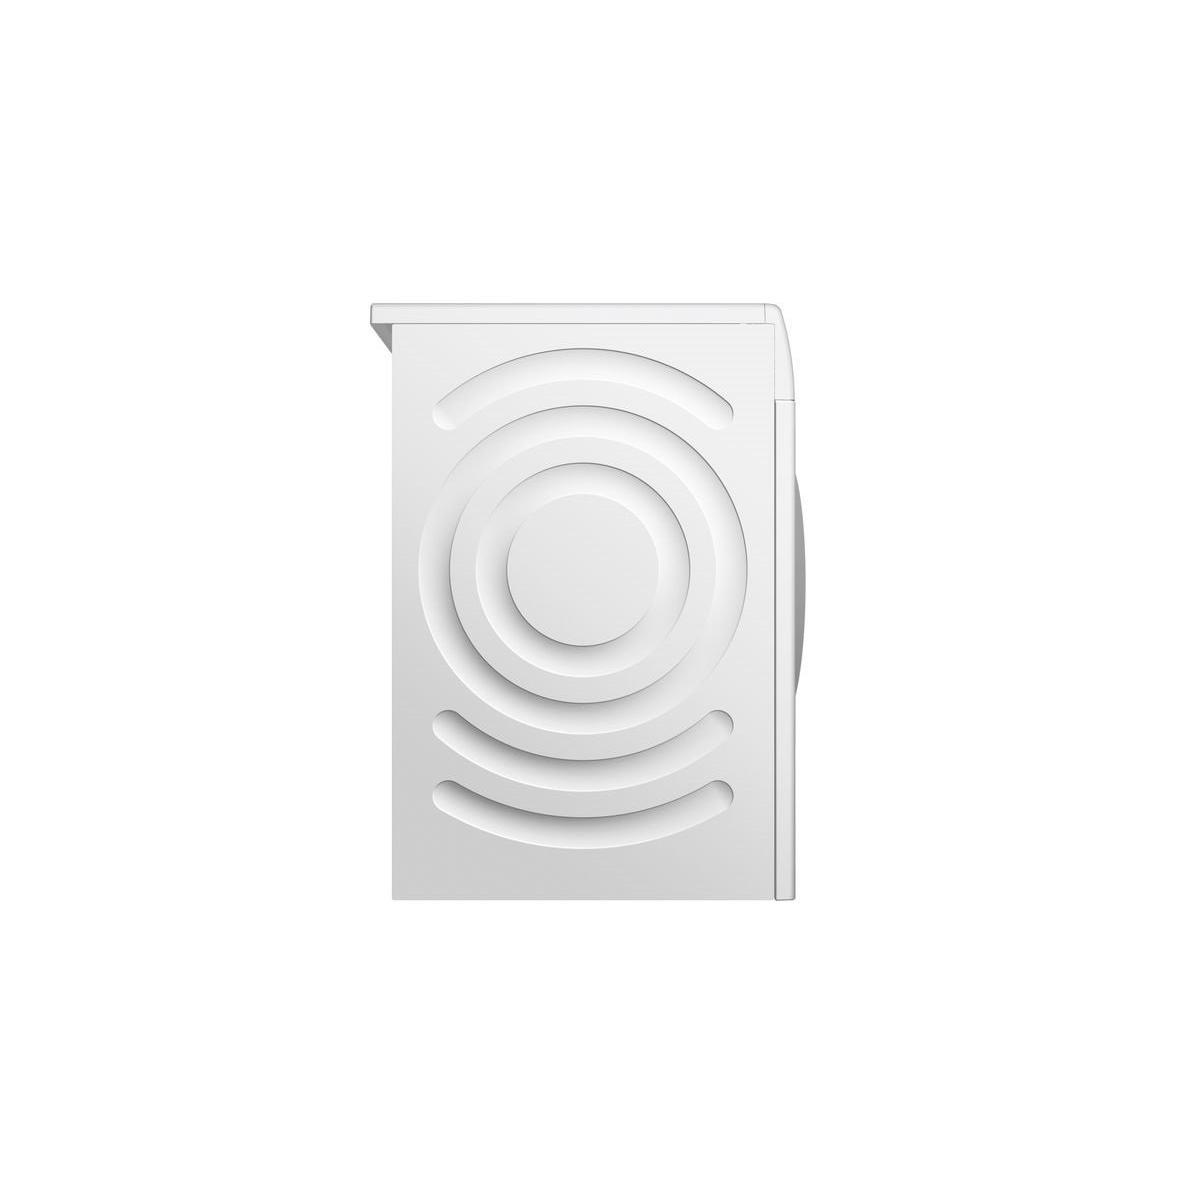 Lave-linge encastrable 59.6 cm hublot Bosch WIW24347FF